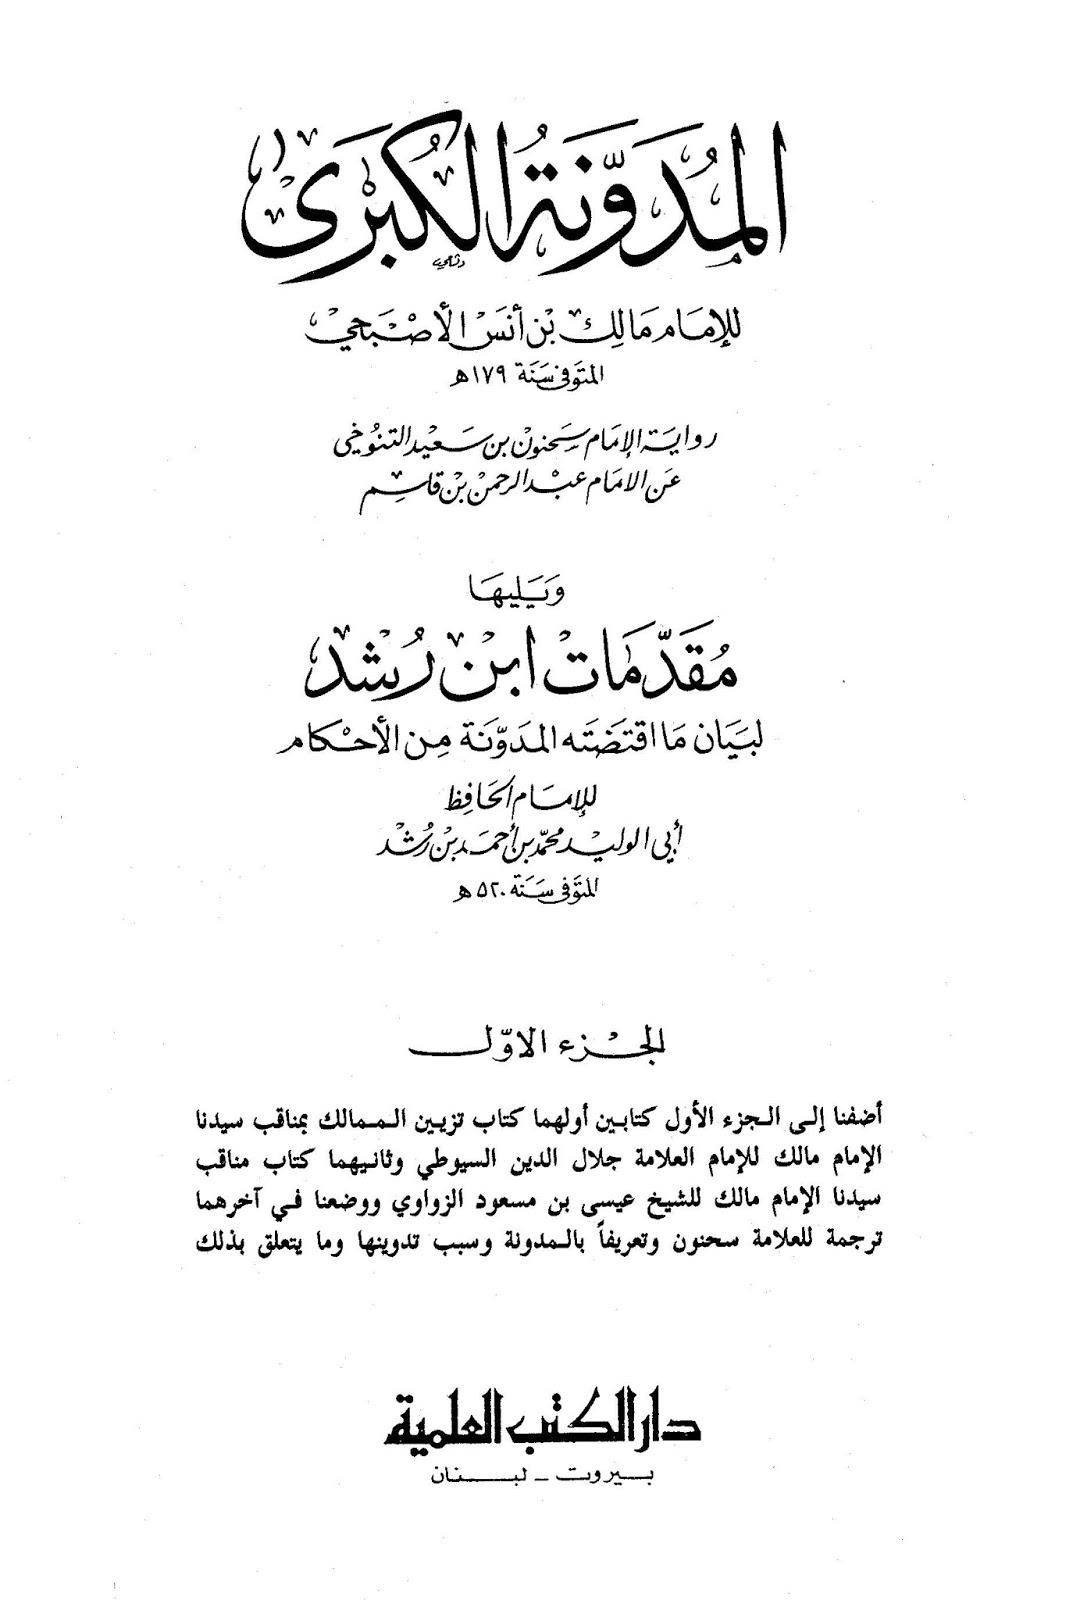 المدونة الكبرى للإمام مالك ويليها مقدمات ابن رشد الجد pdf